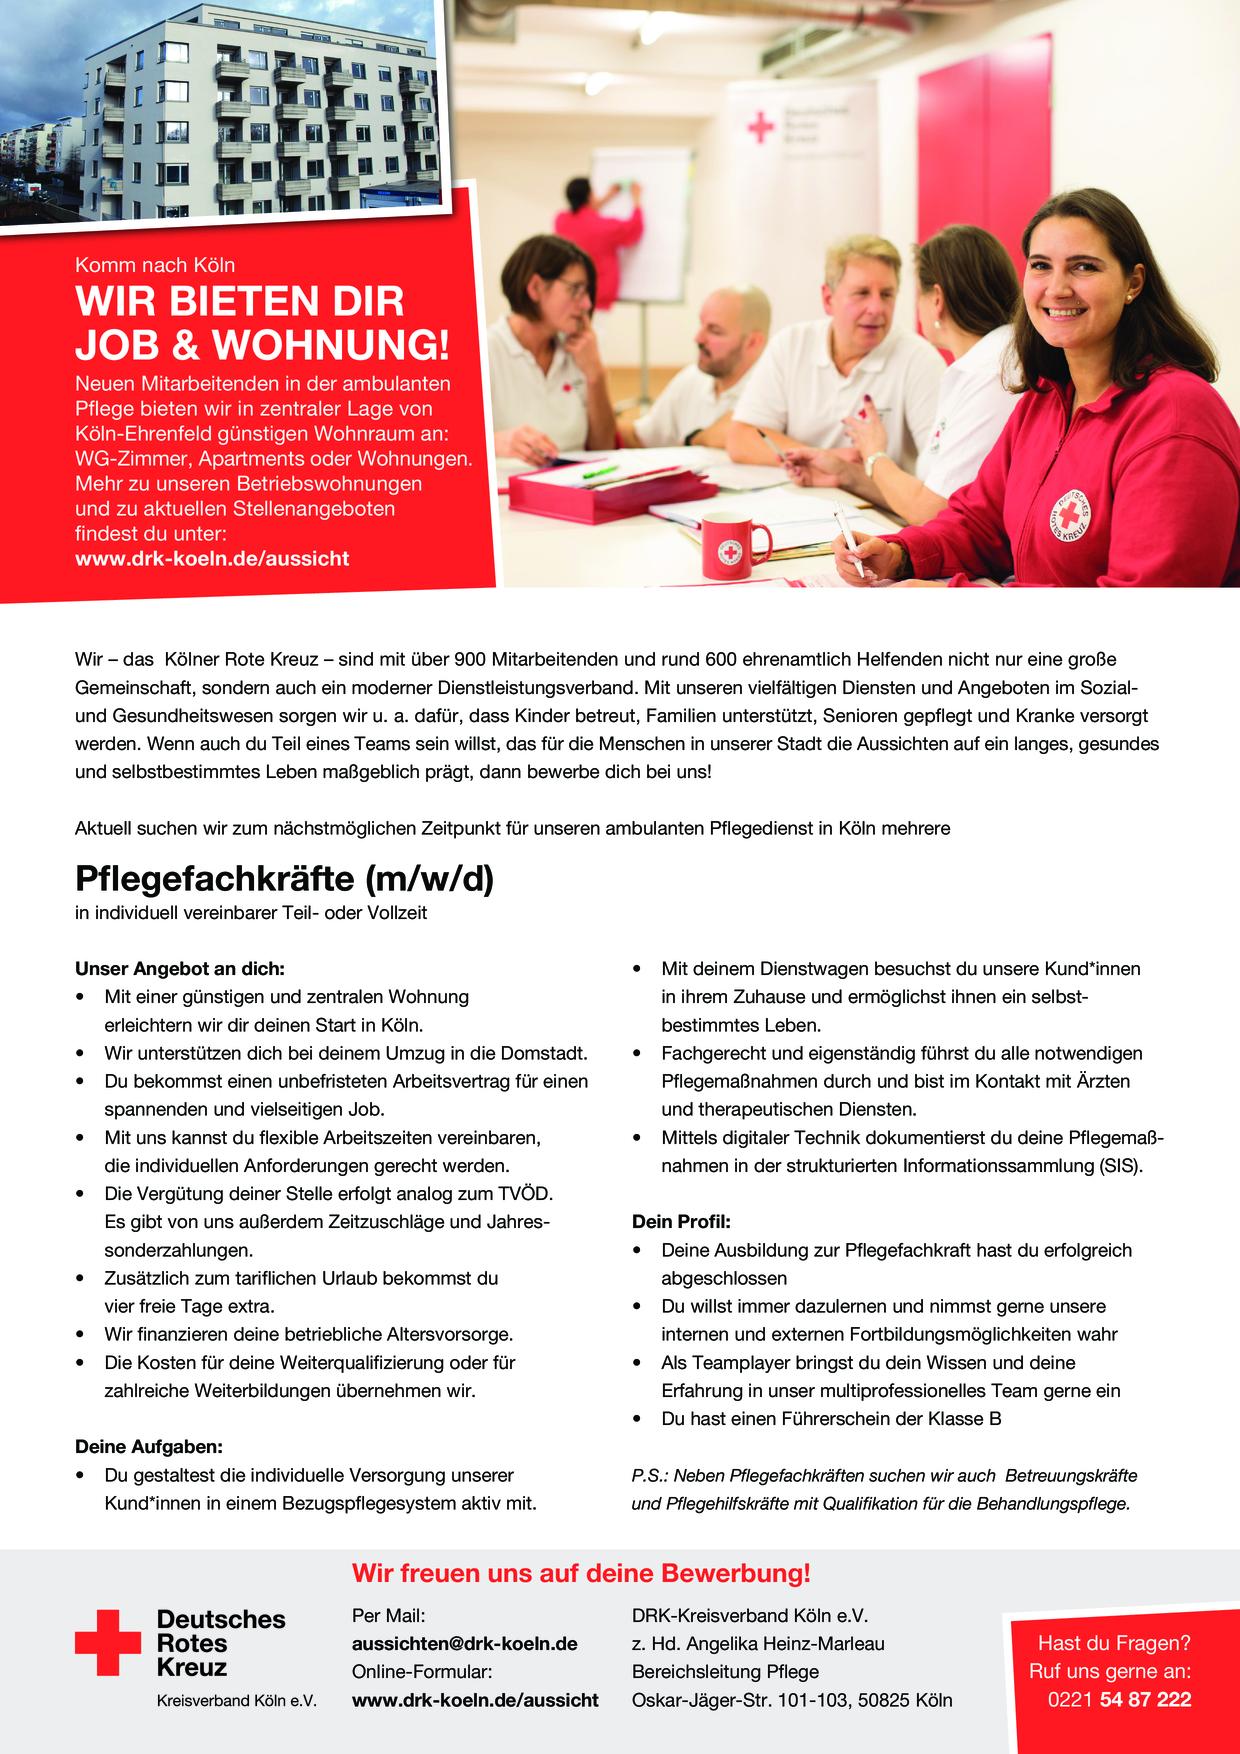 Stellenangebot Pflegefachkraft (m/w/d) mit Betriebswohnung in Köln gesucht